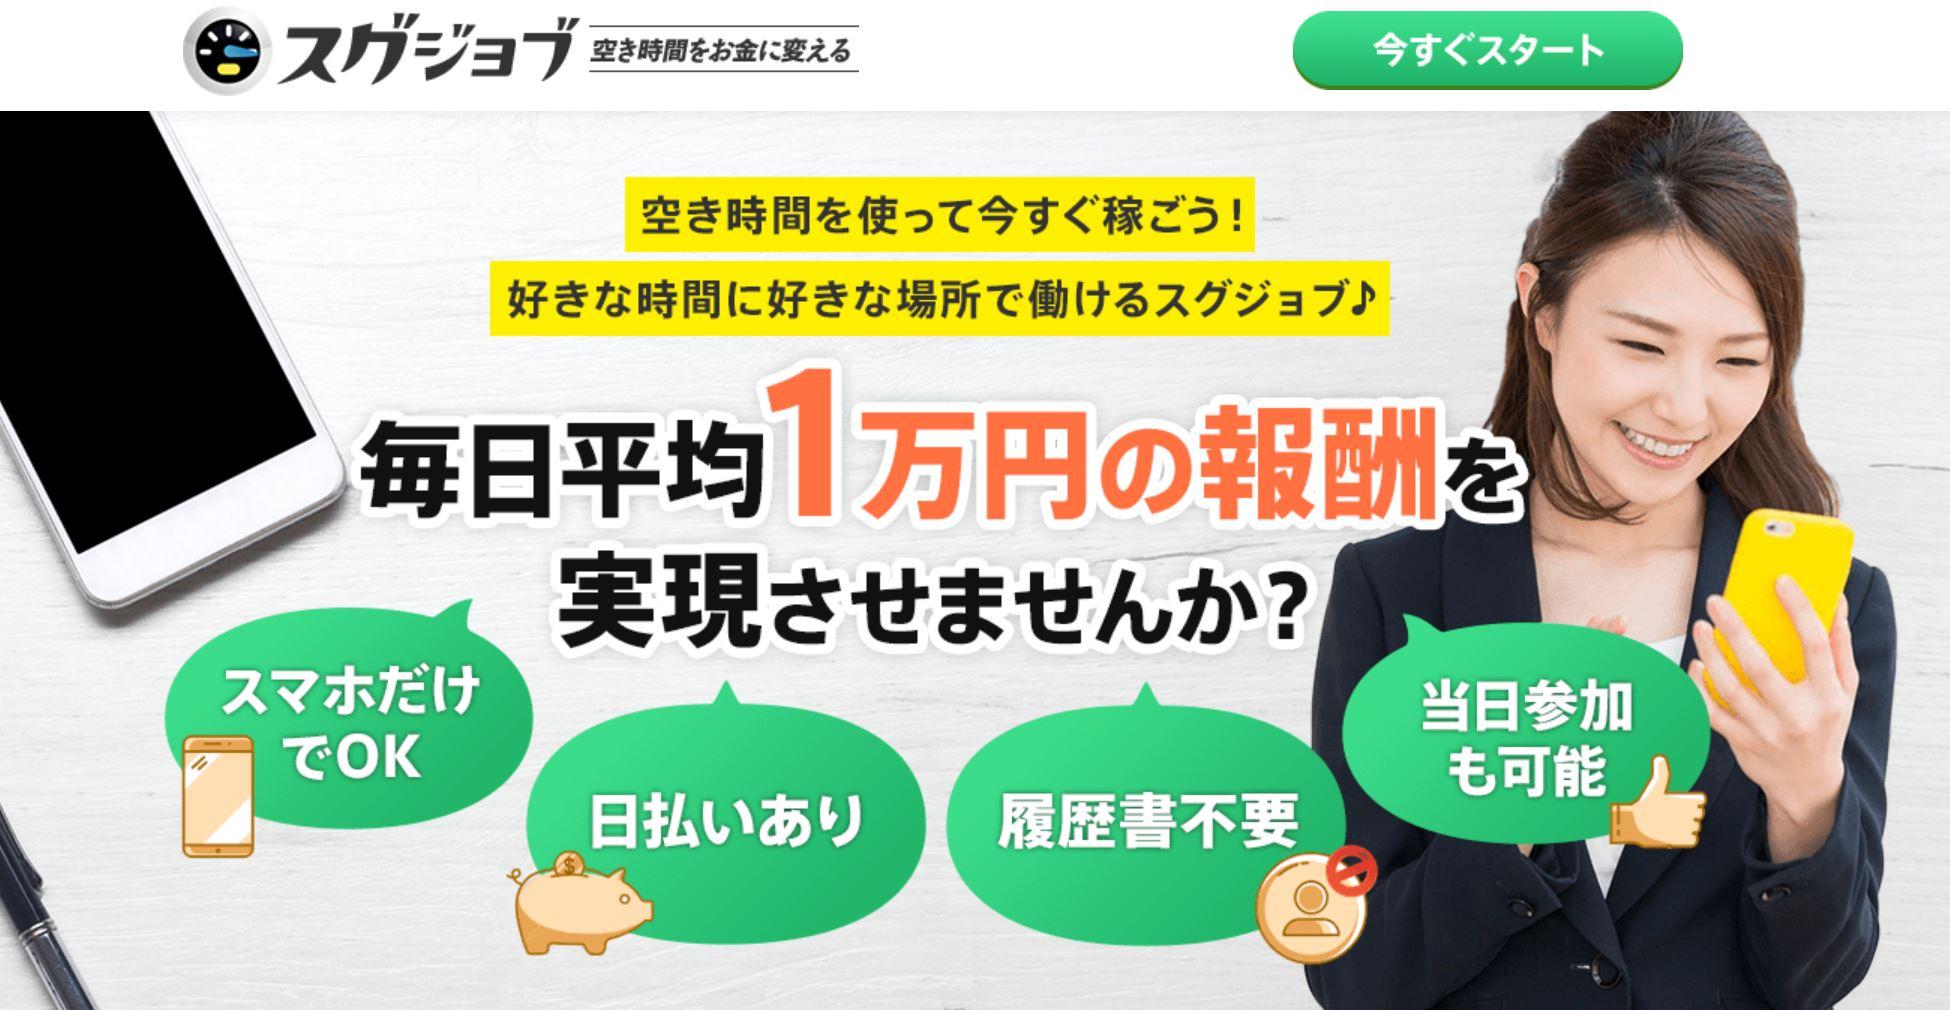 毎日平均1万円の報酬 スグジョブは集客目的で稼げない?副業詐欺調査